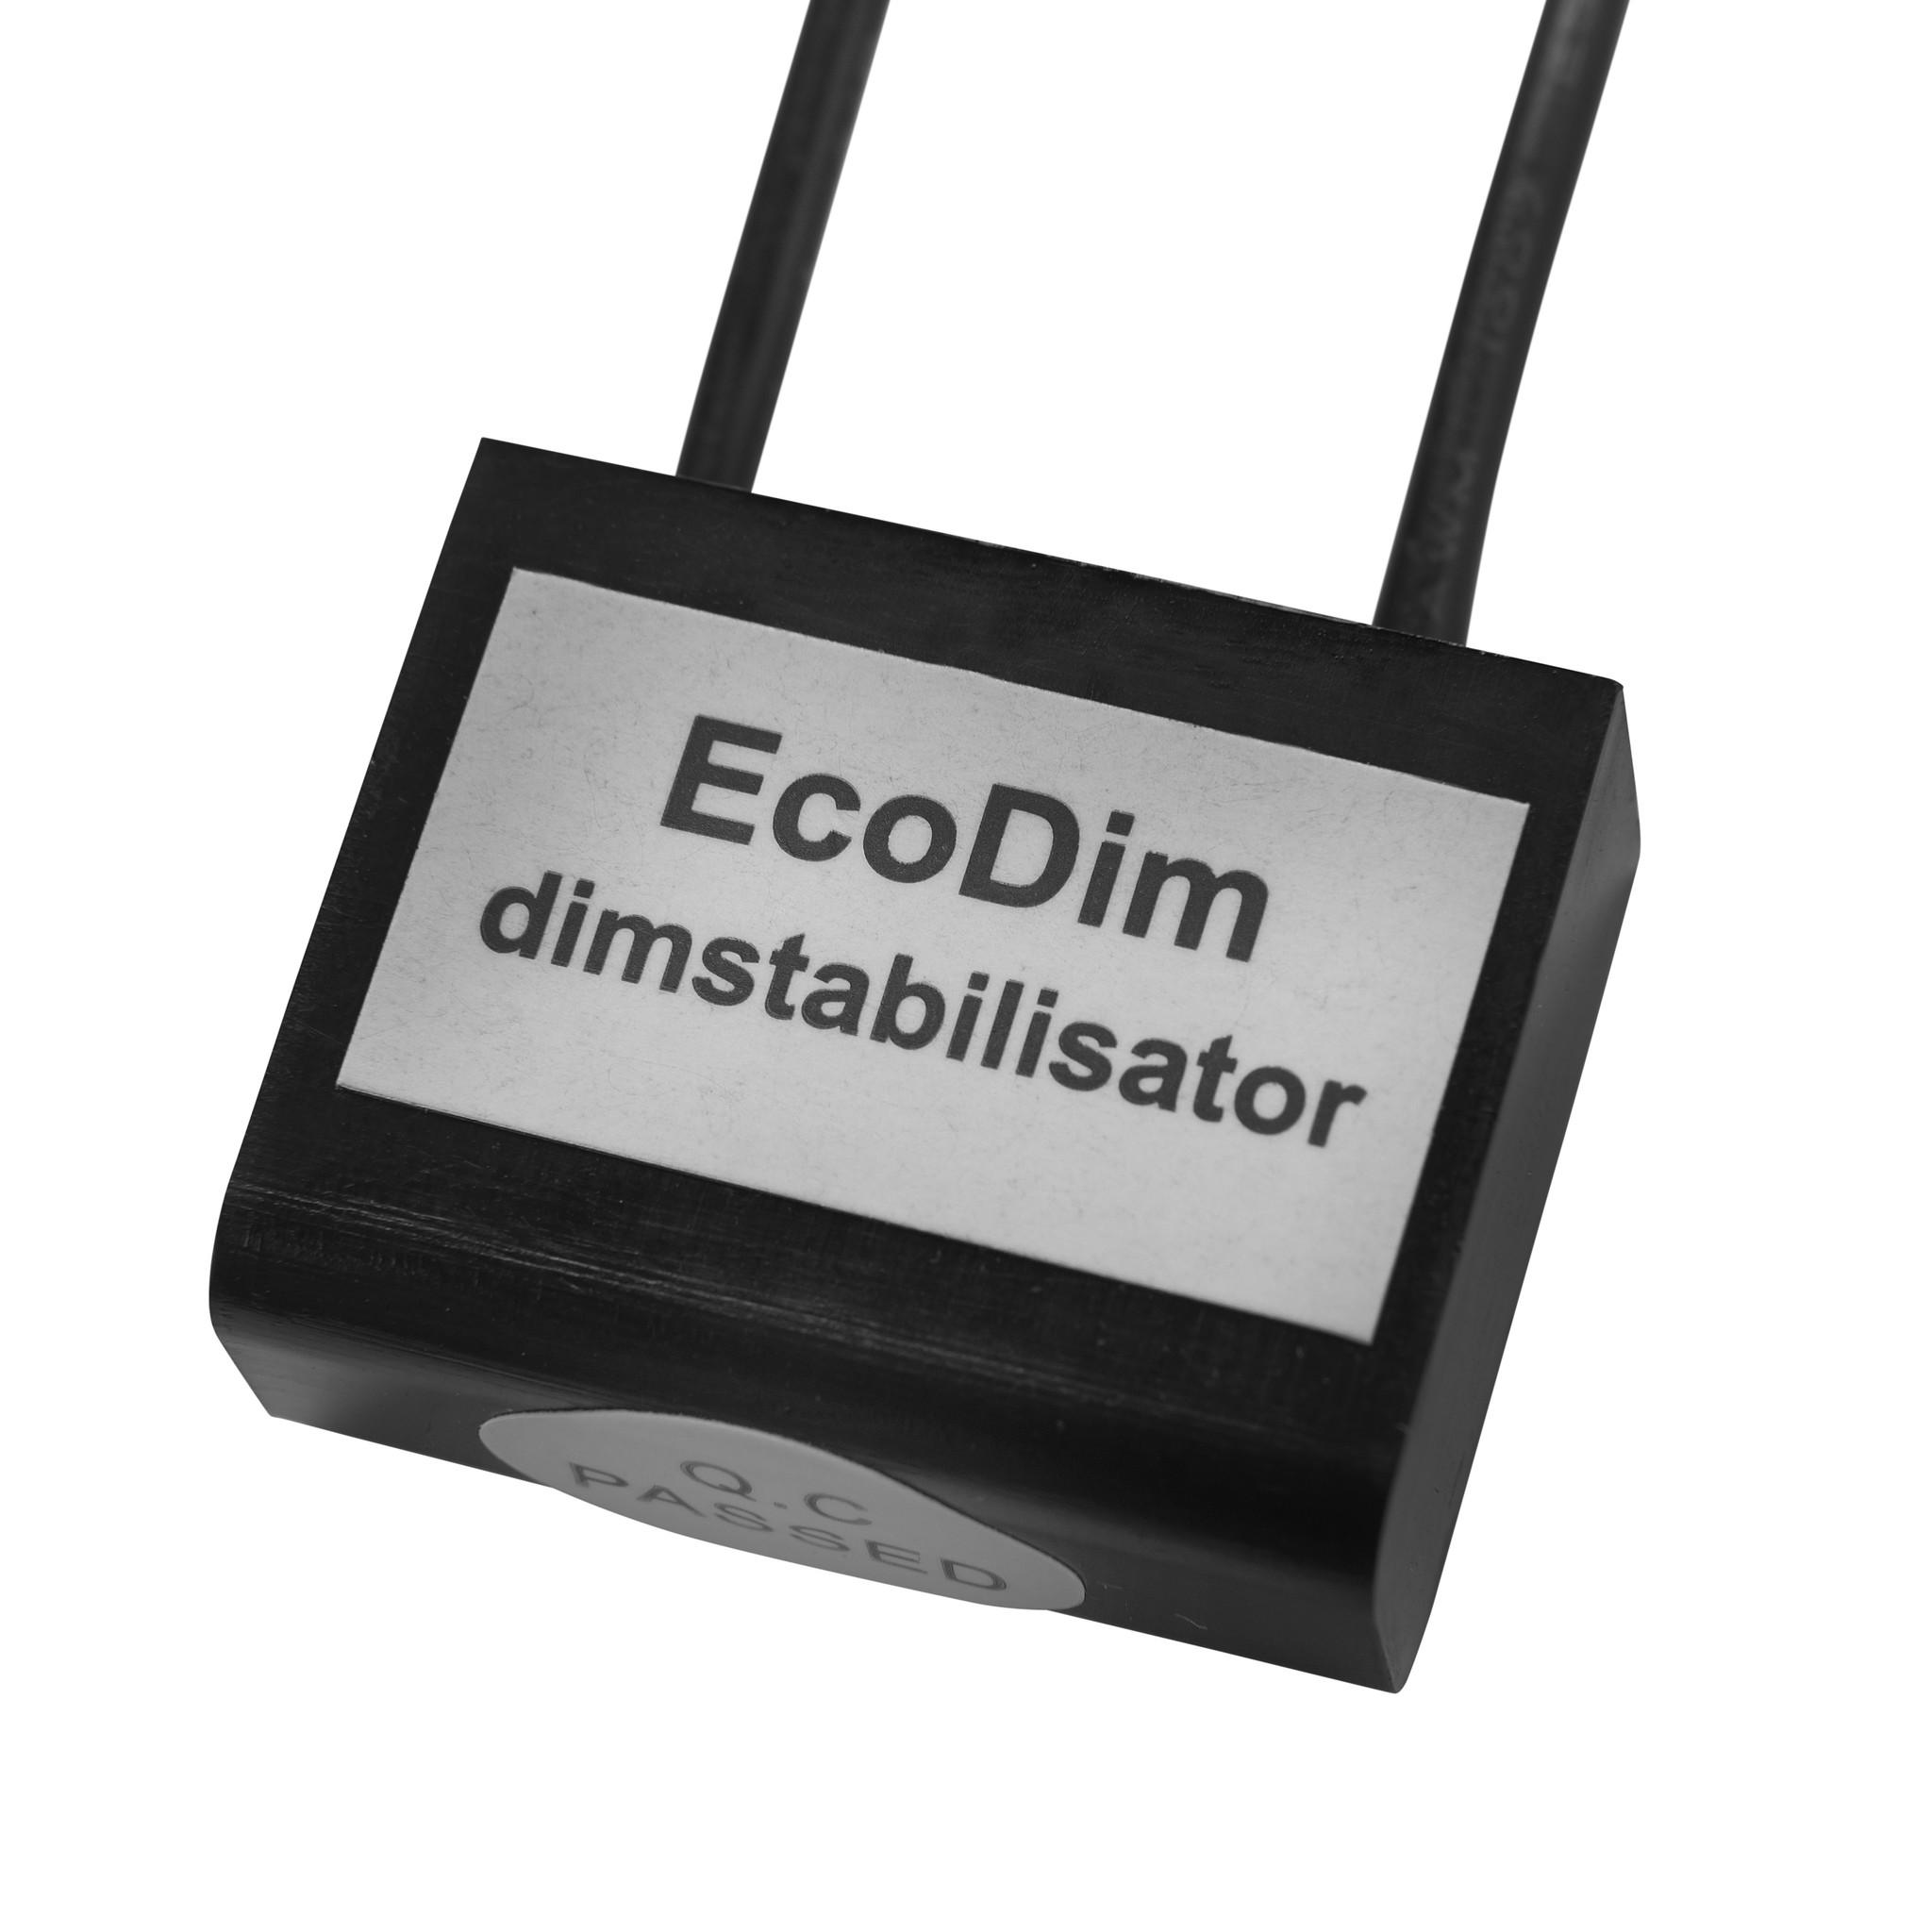 ED-10009 Led dimstabilisator